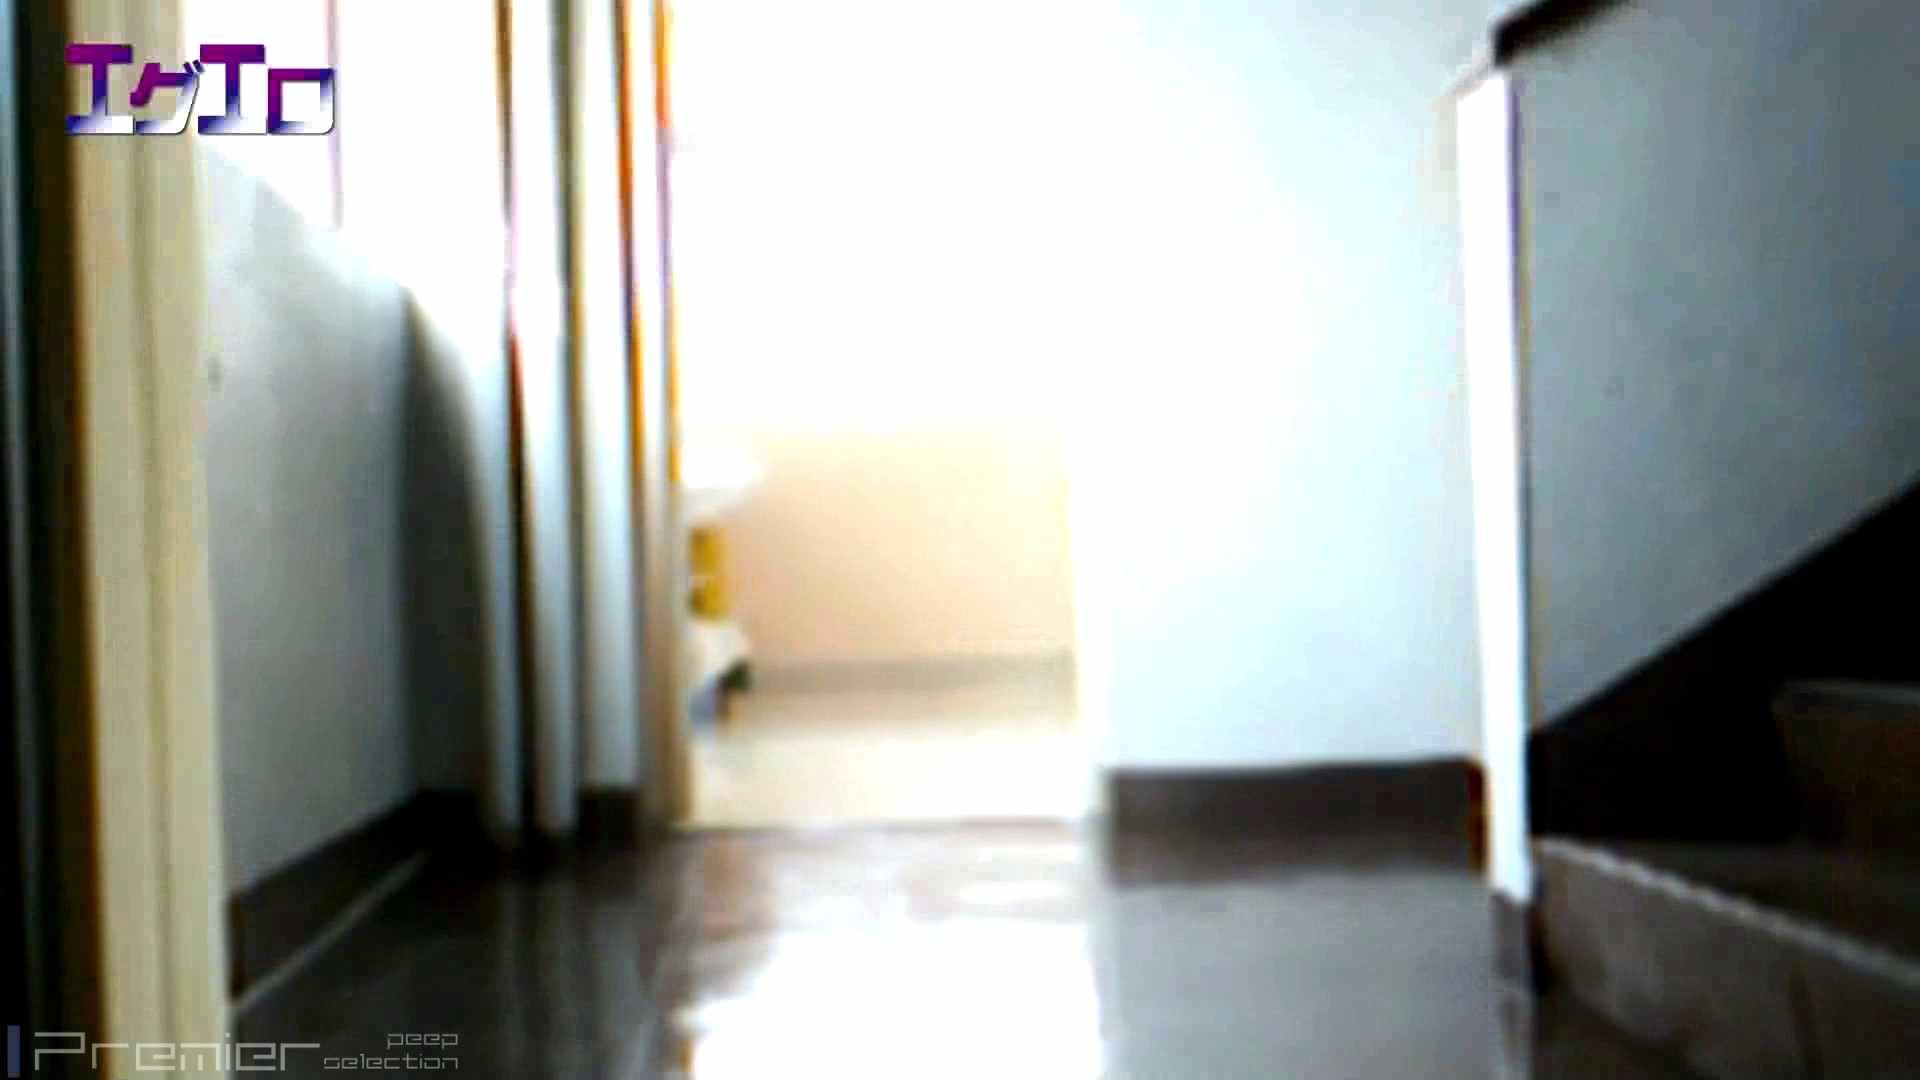 至近距離洗面所 Vol.10ブルージーンズギャルの大放nyo ギャルハメ撮り  20Pix 16